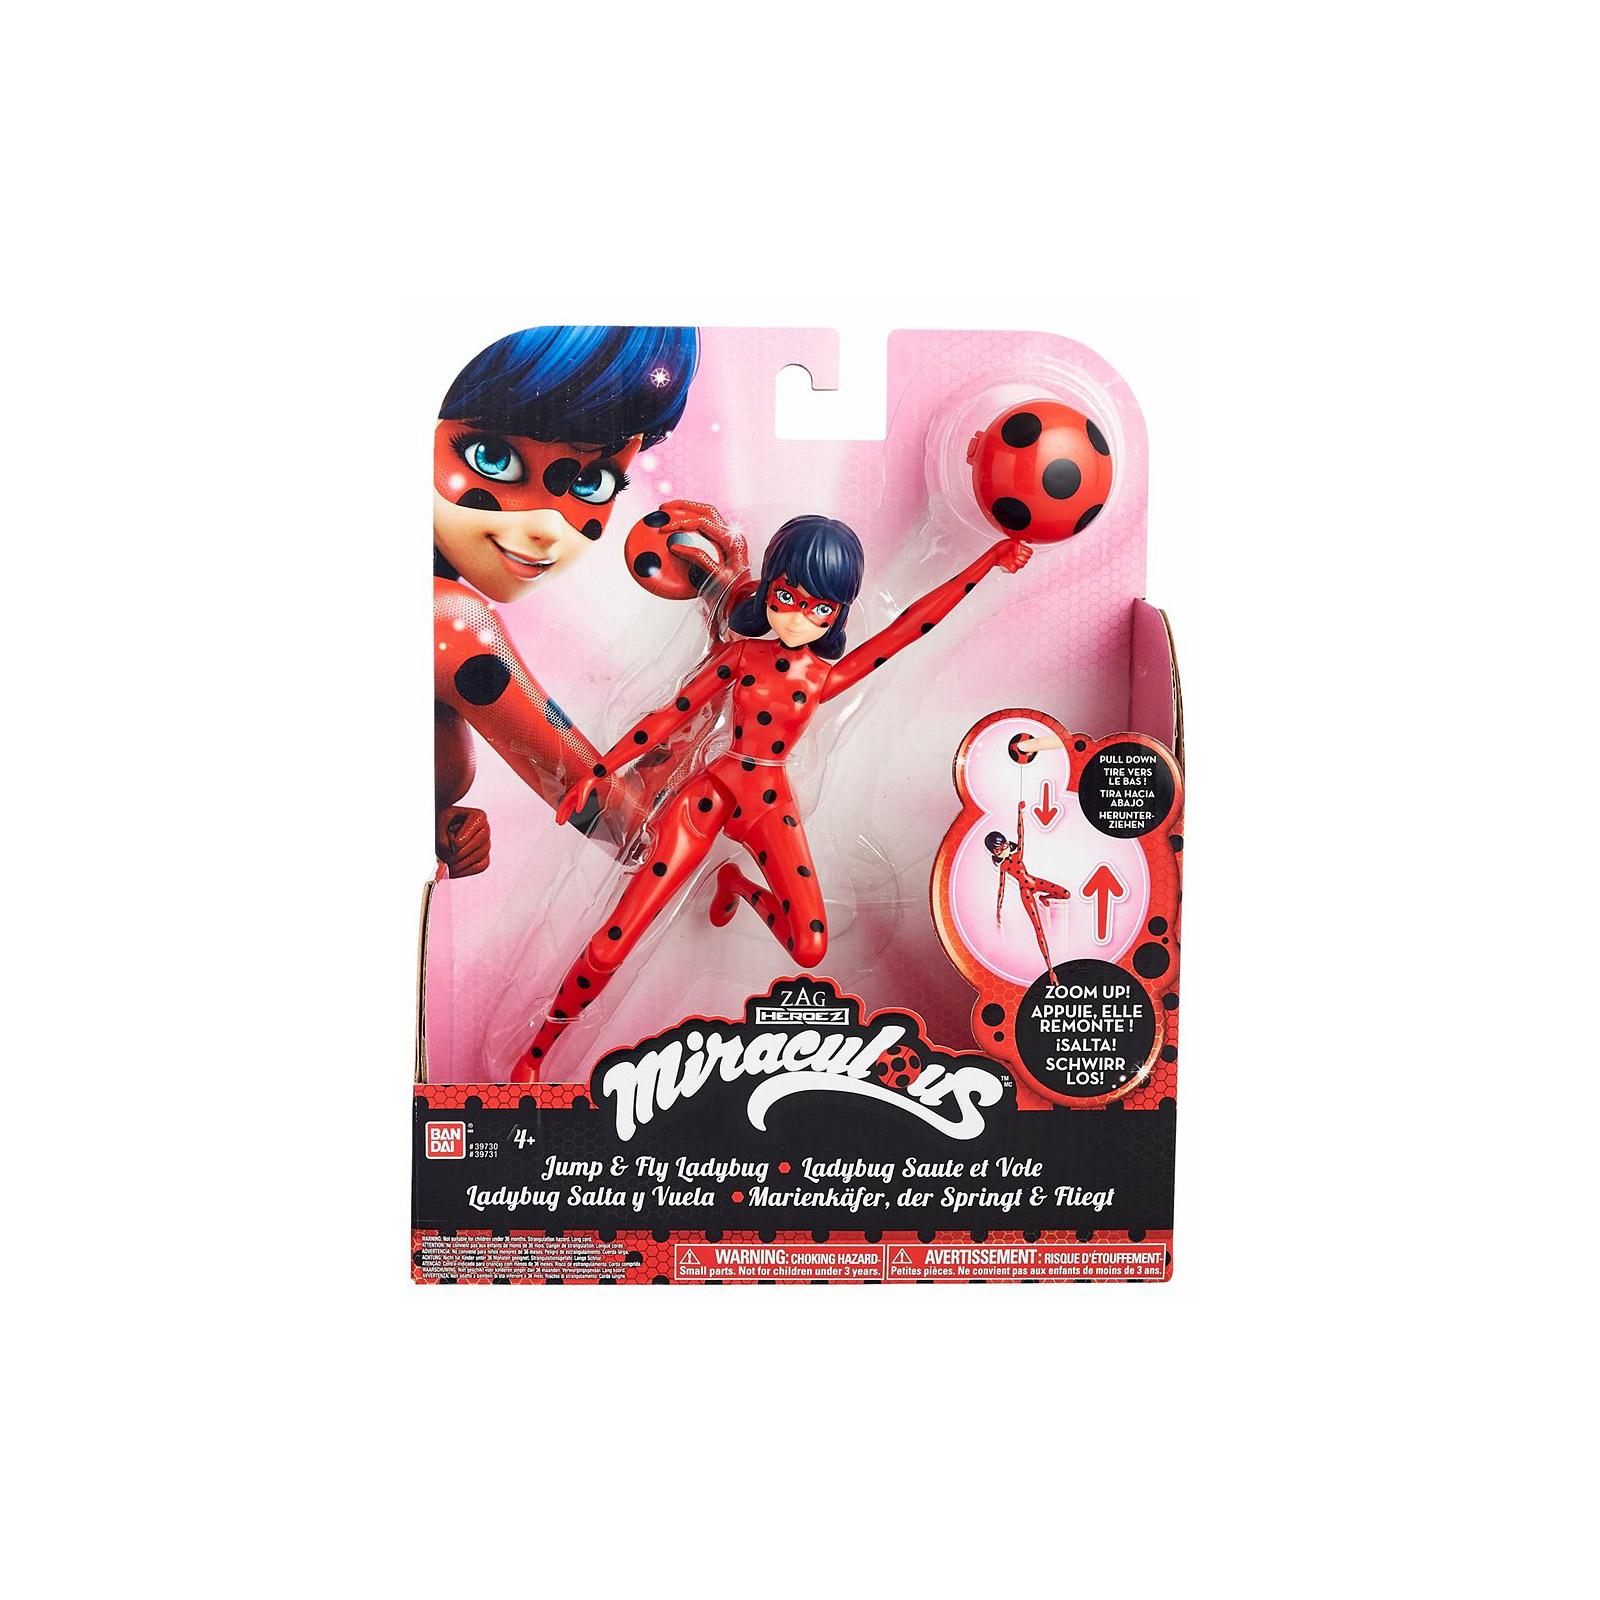 Кукла Miraculous удесная Леди Баг 19 см с аксессуаром (39731) изображение 3